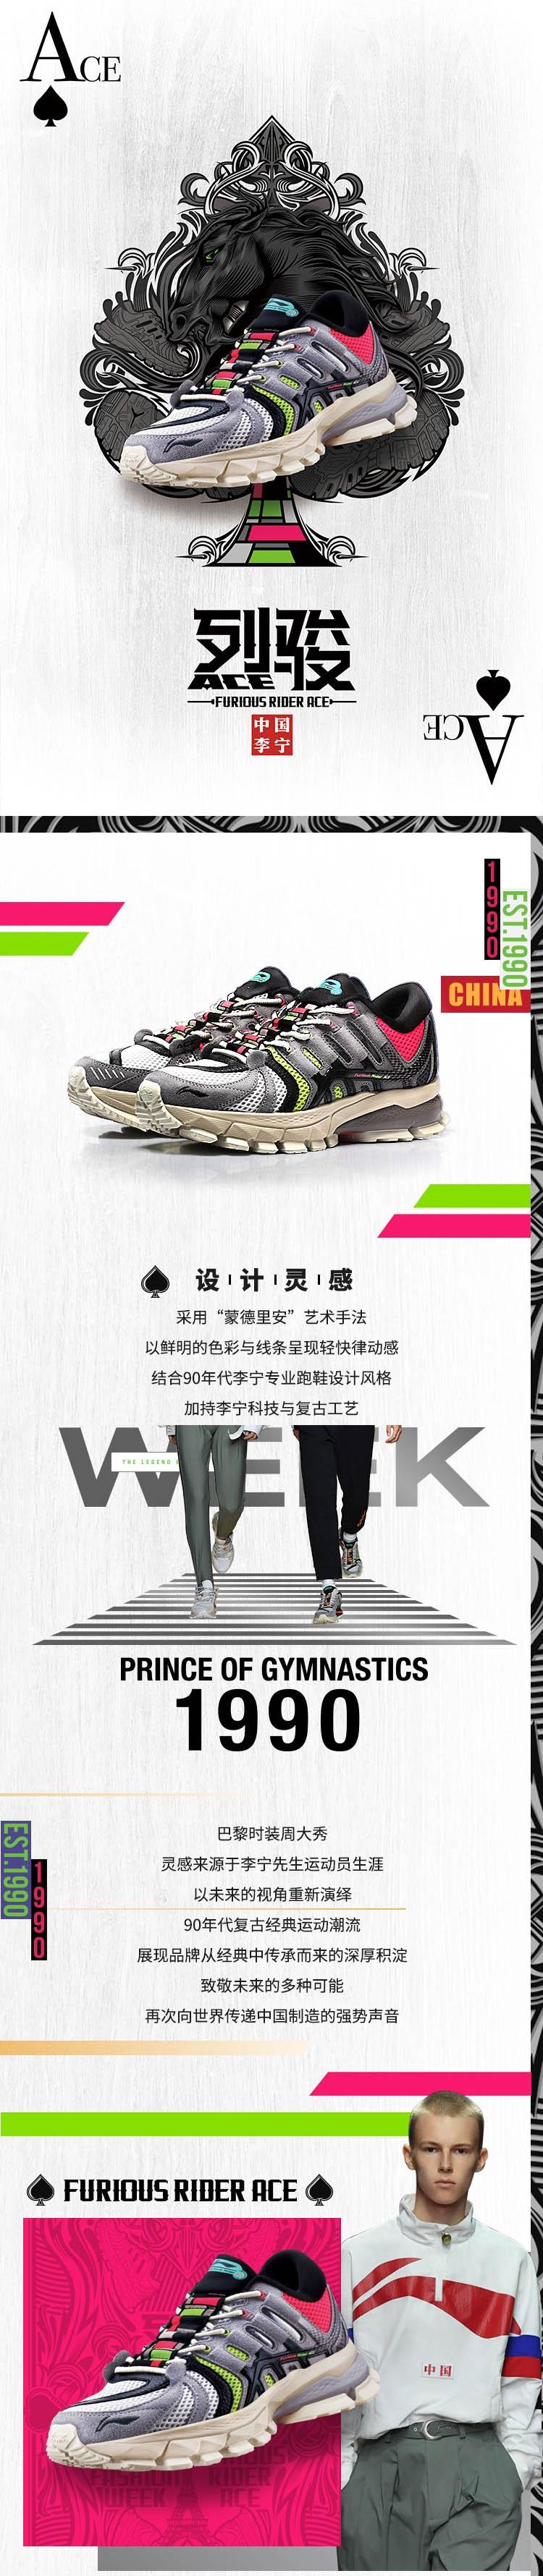 Paris Fashion Week FURIOUS RIDER ACE Men's Cushioning Running Sneakers